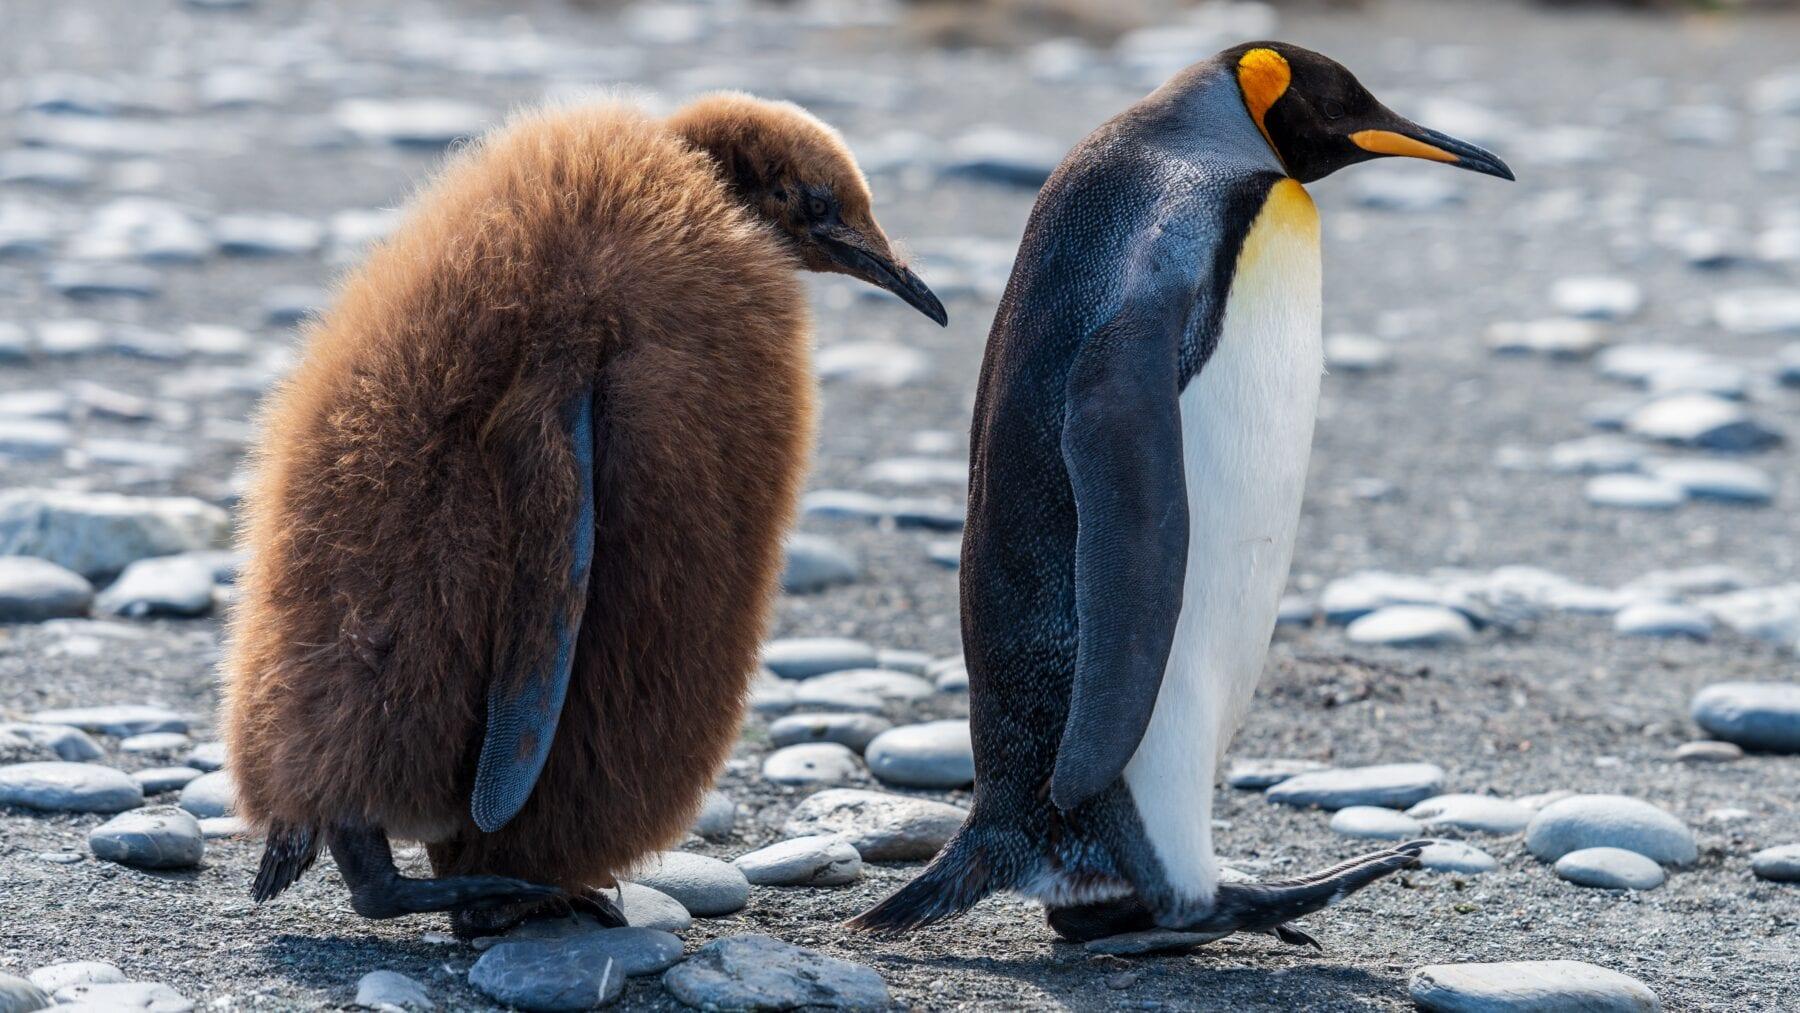 Hebben pinguïns knieën